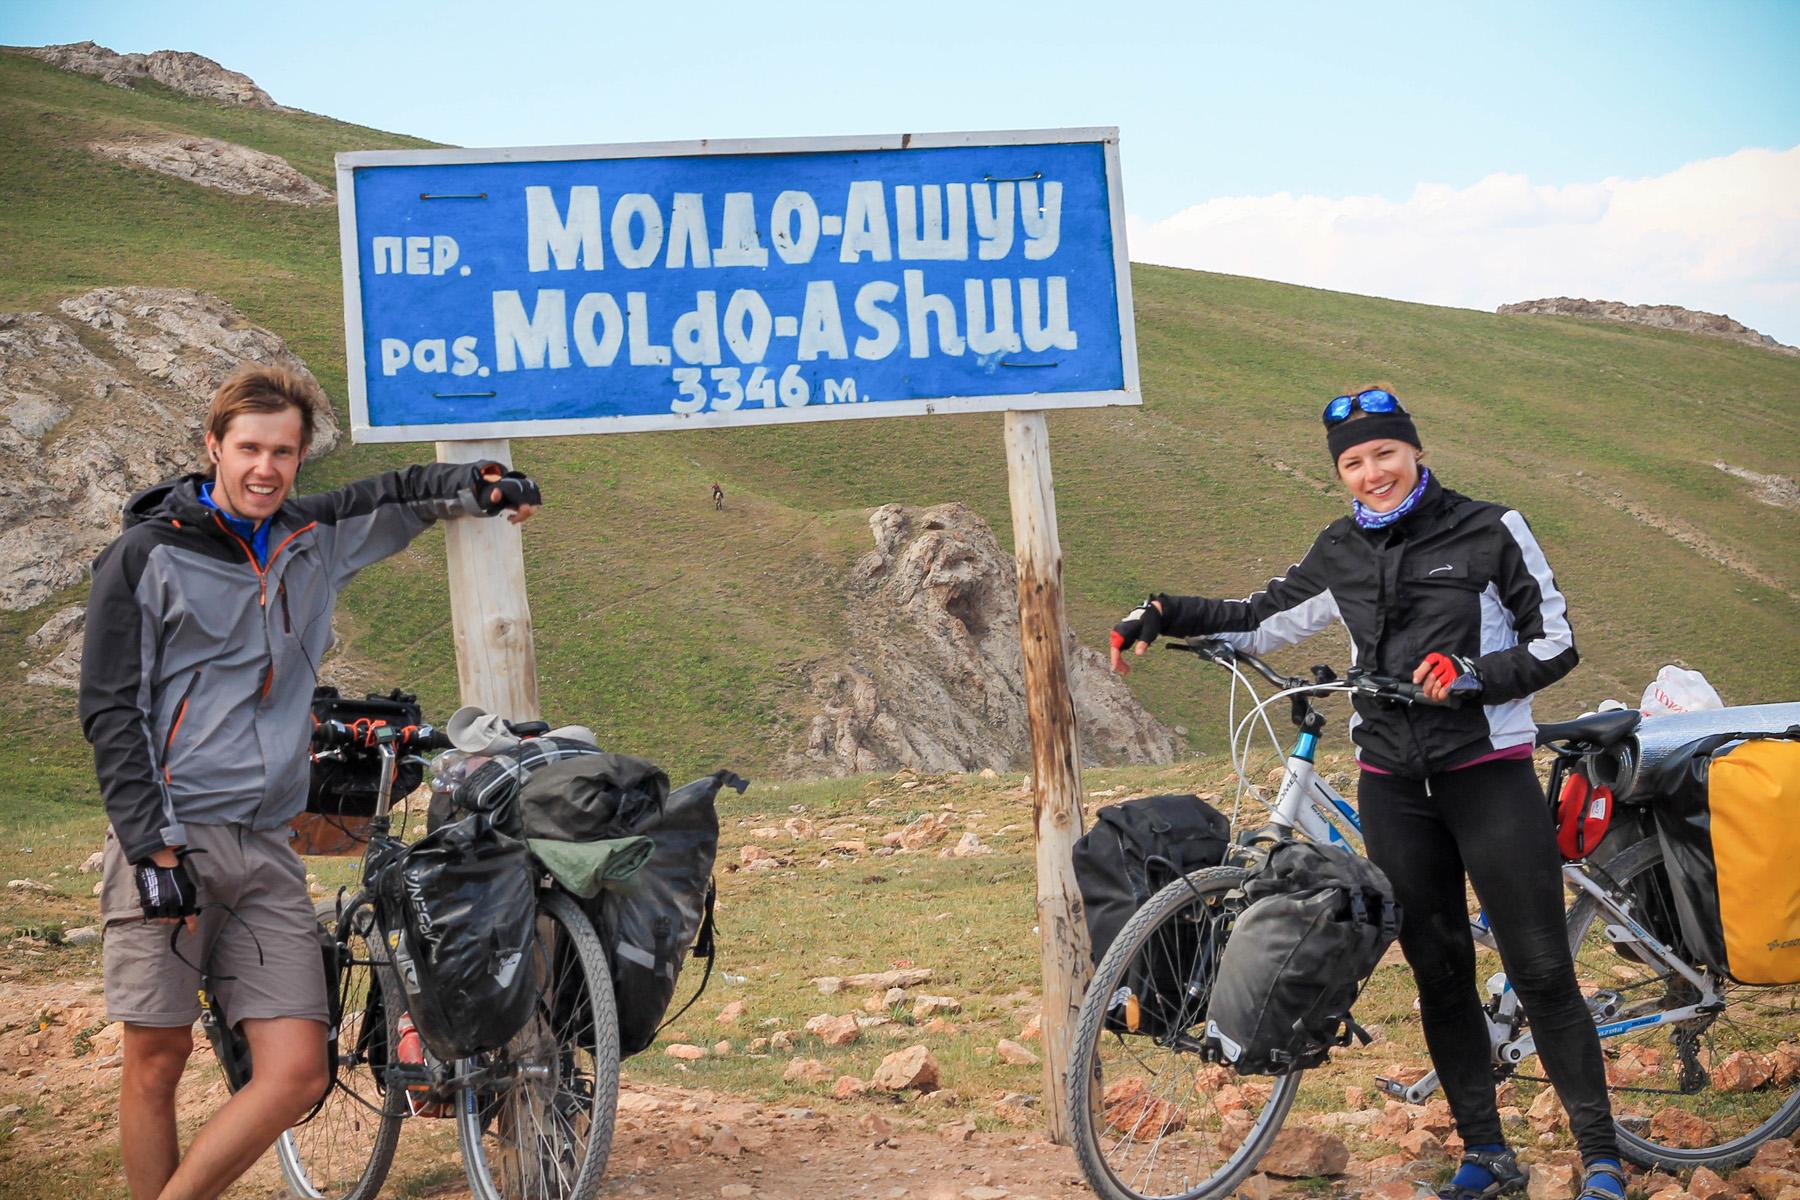 Kolejny rekord wysokości pobity. Utrzyma się zaledwie 2,5 tygodnia. Do czasu aż wjedziemy w Tadżycki Pamir.